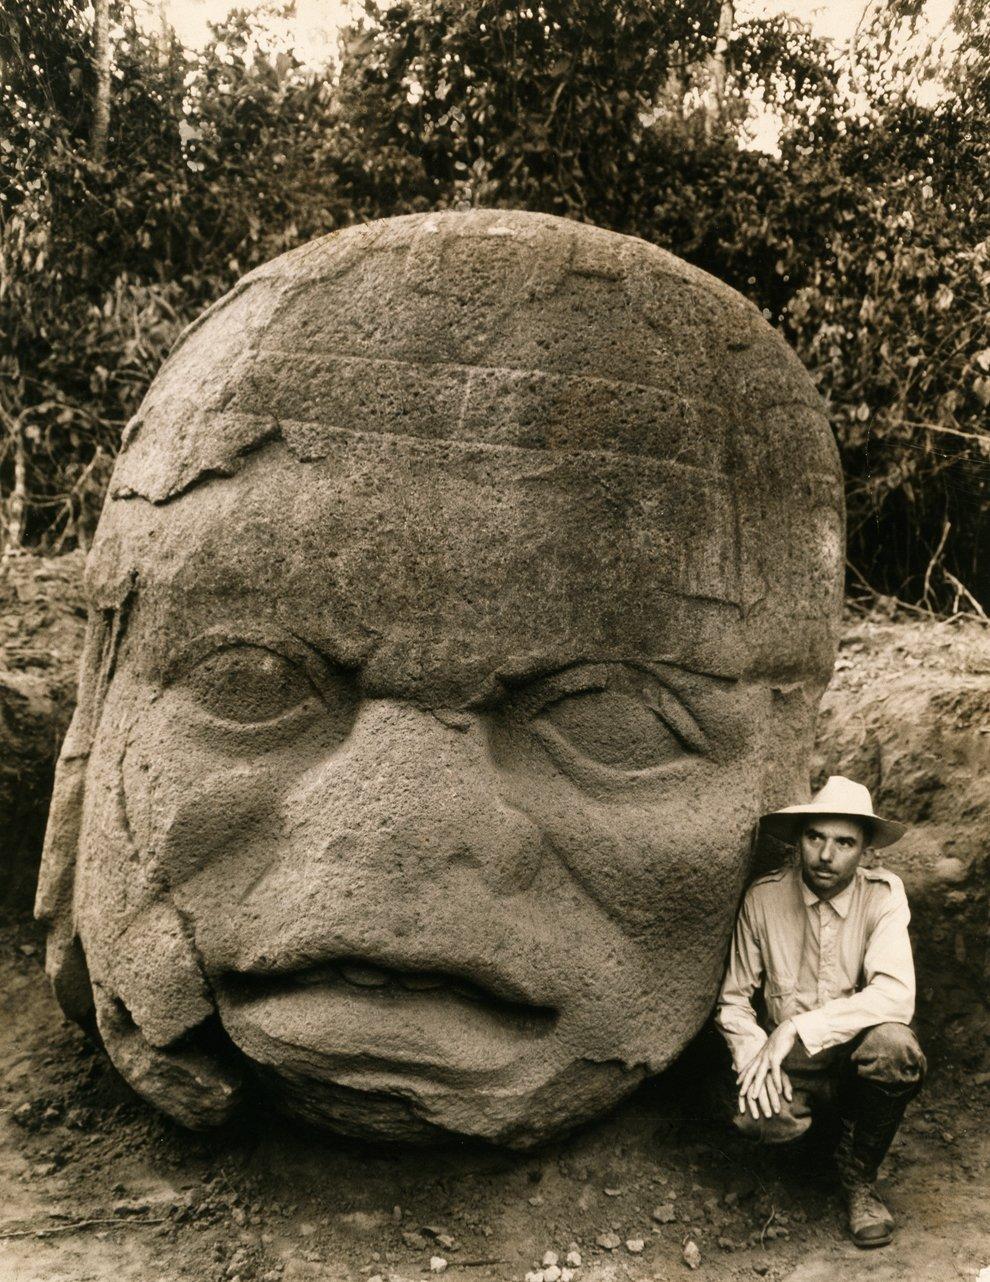 Во время экспедиции в мексиканский штат Веракрус были найдены колоссальные каменные головы, свидетельствующие о древней цивилизации ольмеков